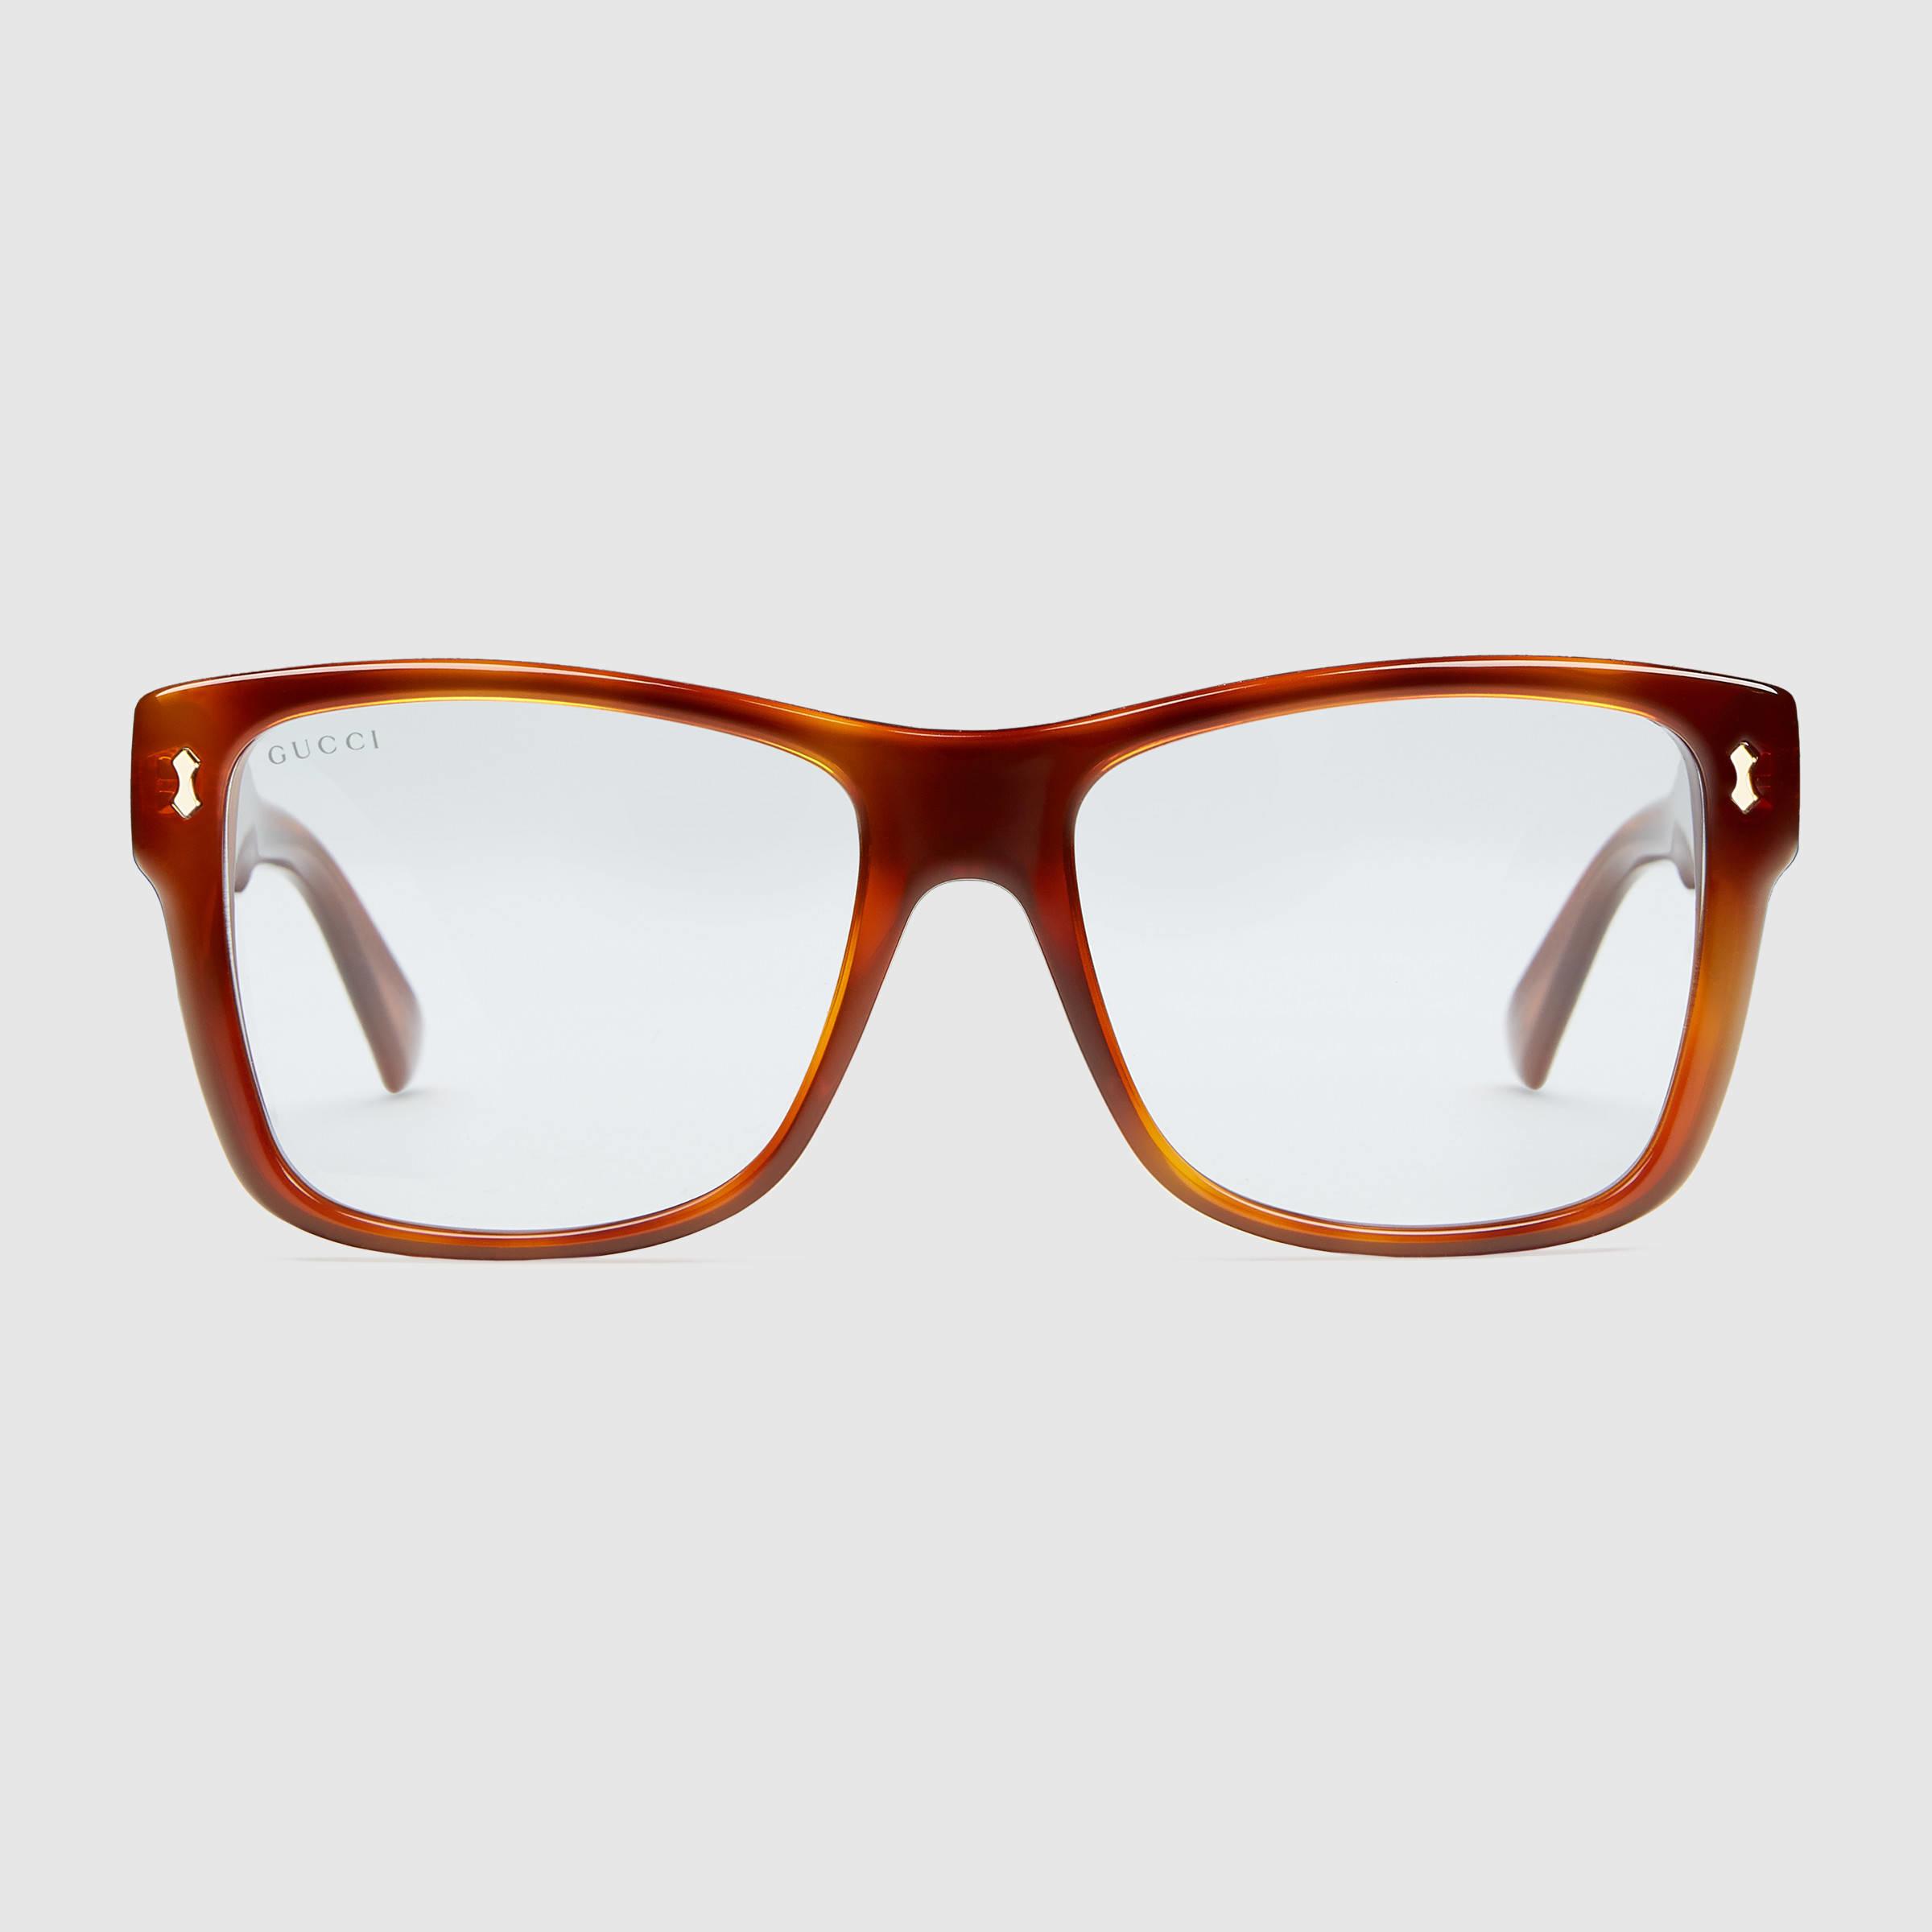 Tortoiseshell Acetate Cat Eye Sunglasses